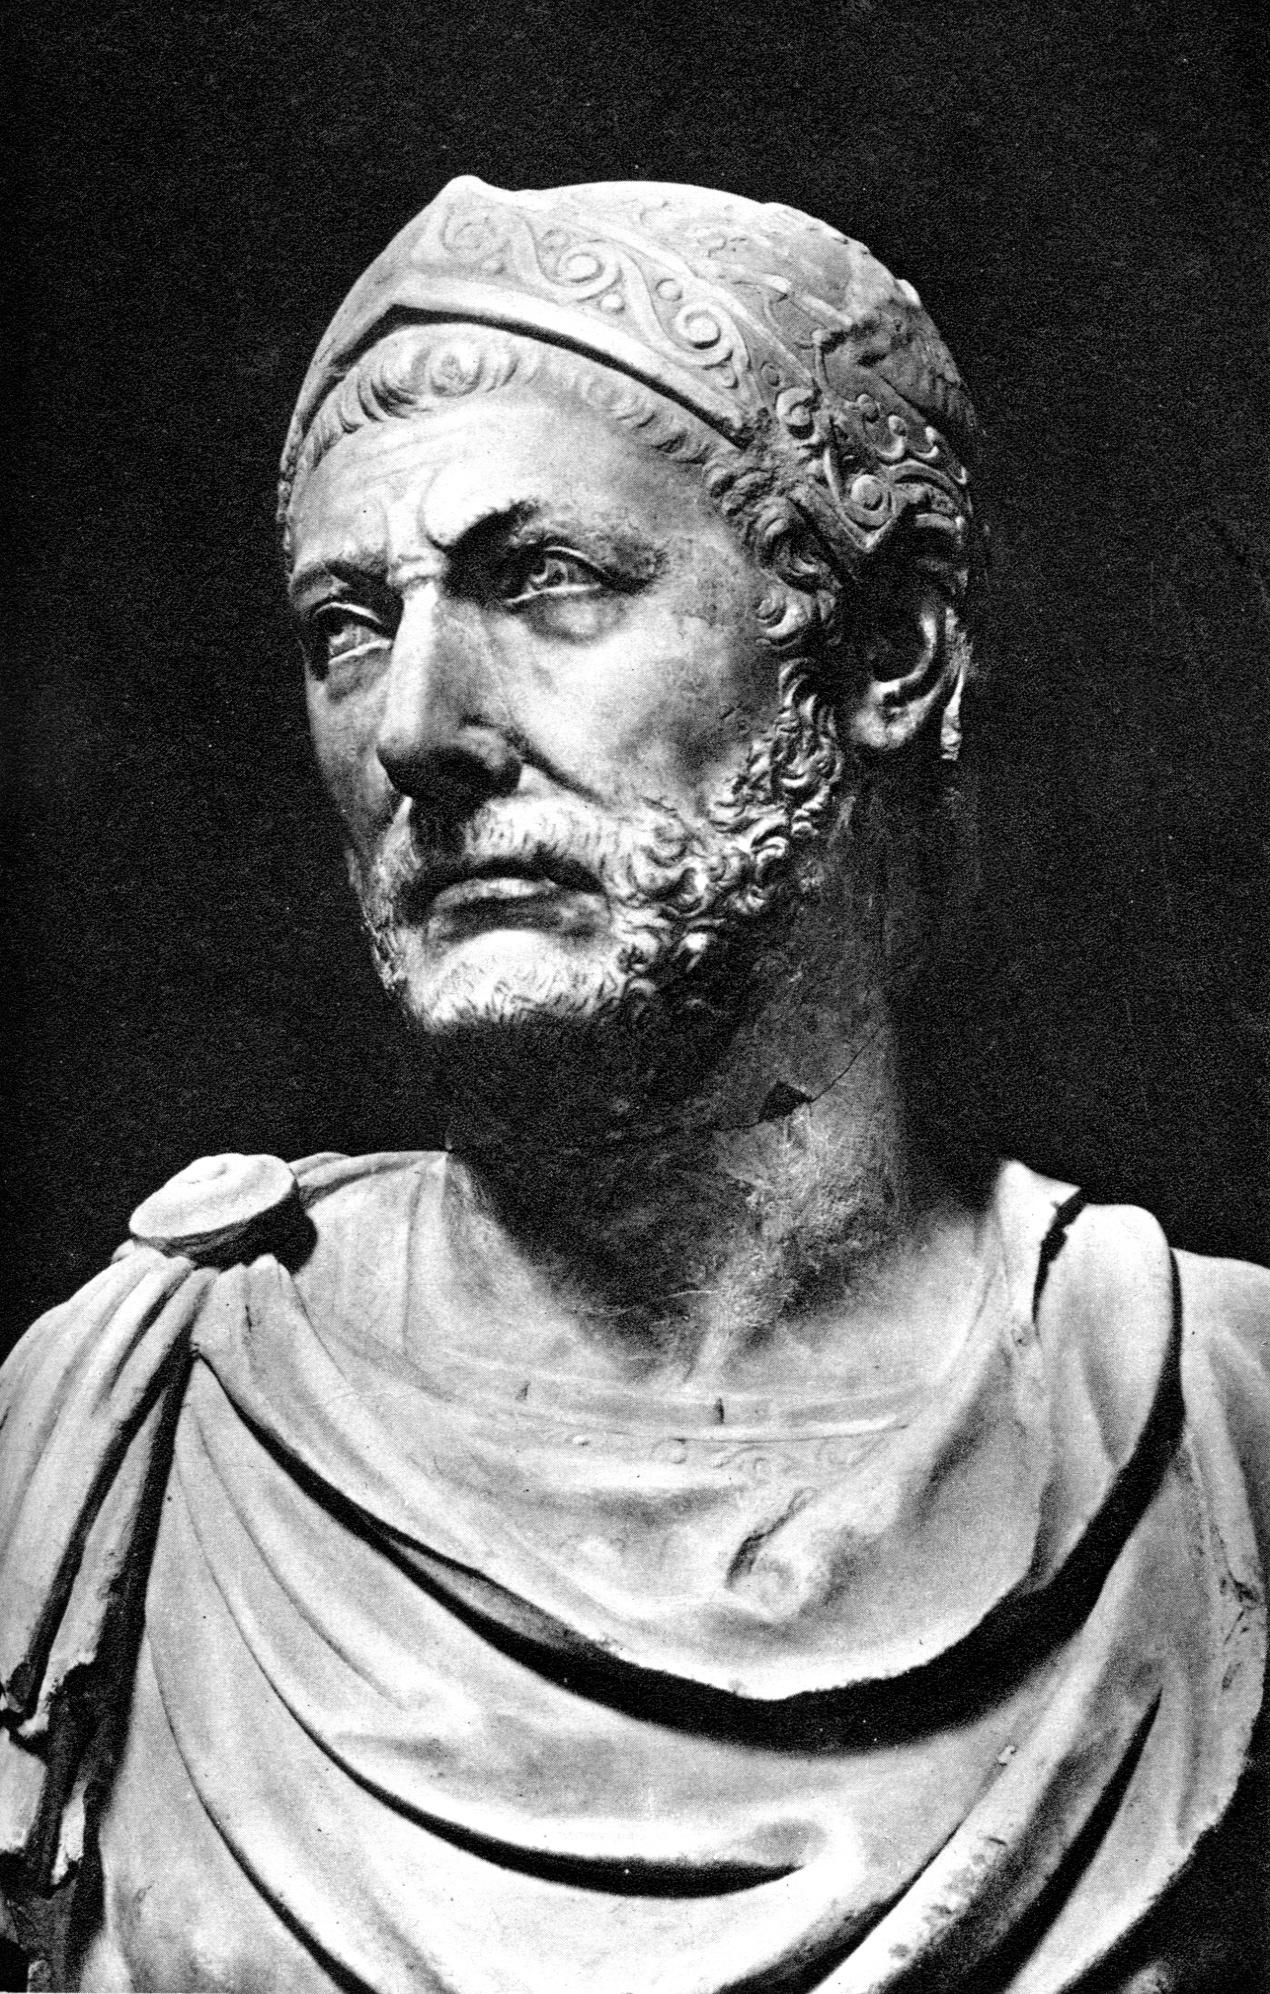 Hannibal olduğu söylenen mermer büst, İtalya'nın antik Capua kentinde bulunmuştur